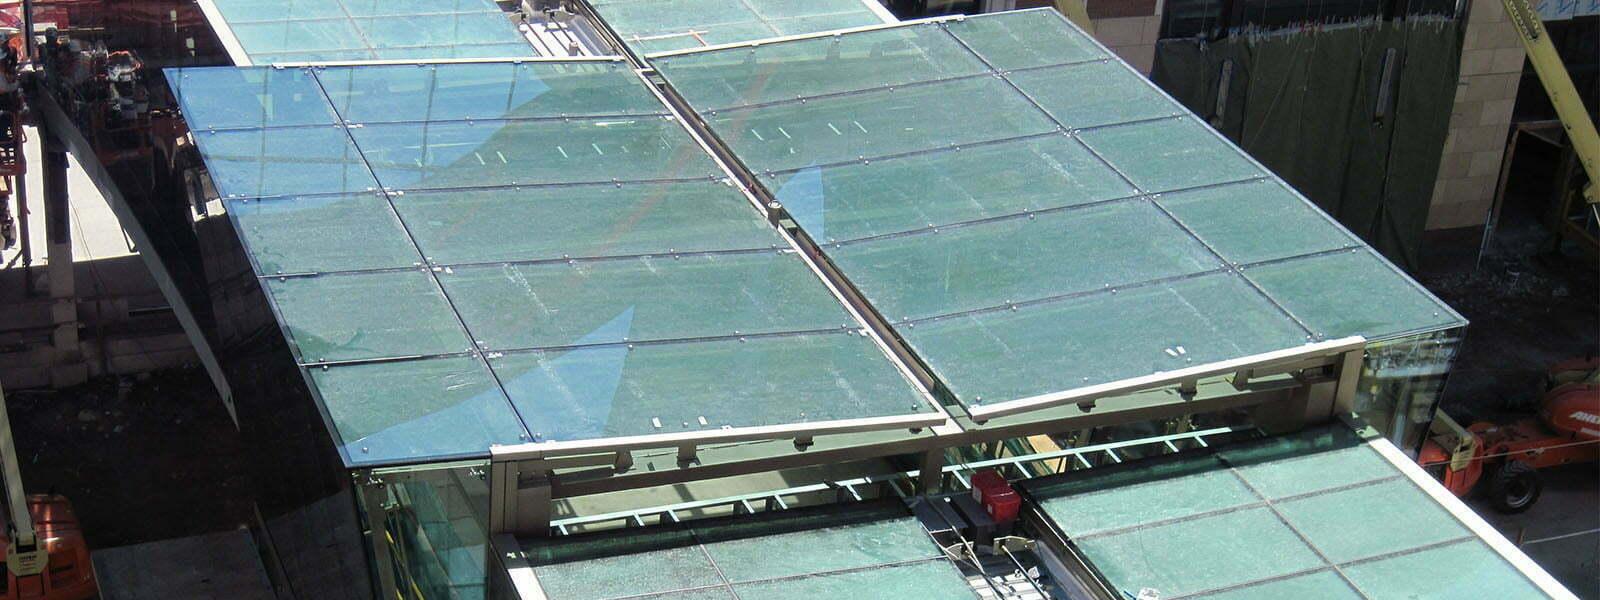 Roof U0026 Floor Hatches   Electric Power Door   Since 1923!Electric Power Door